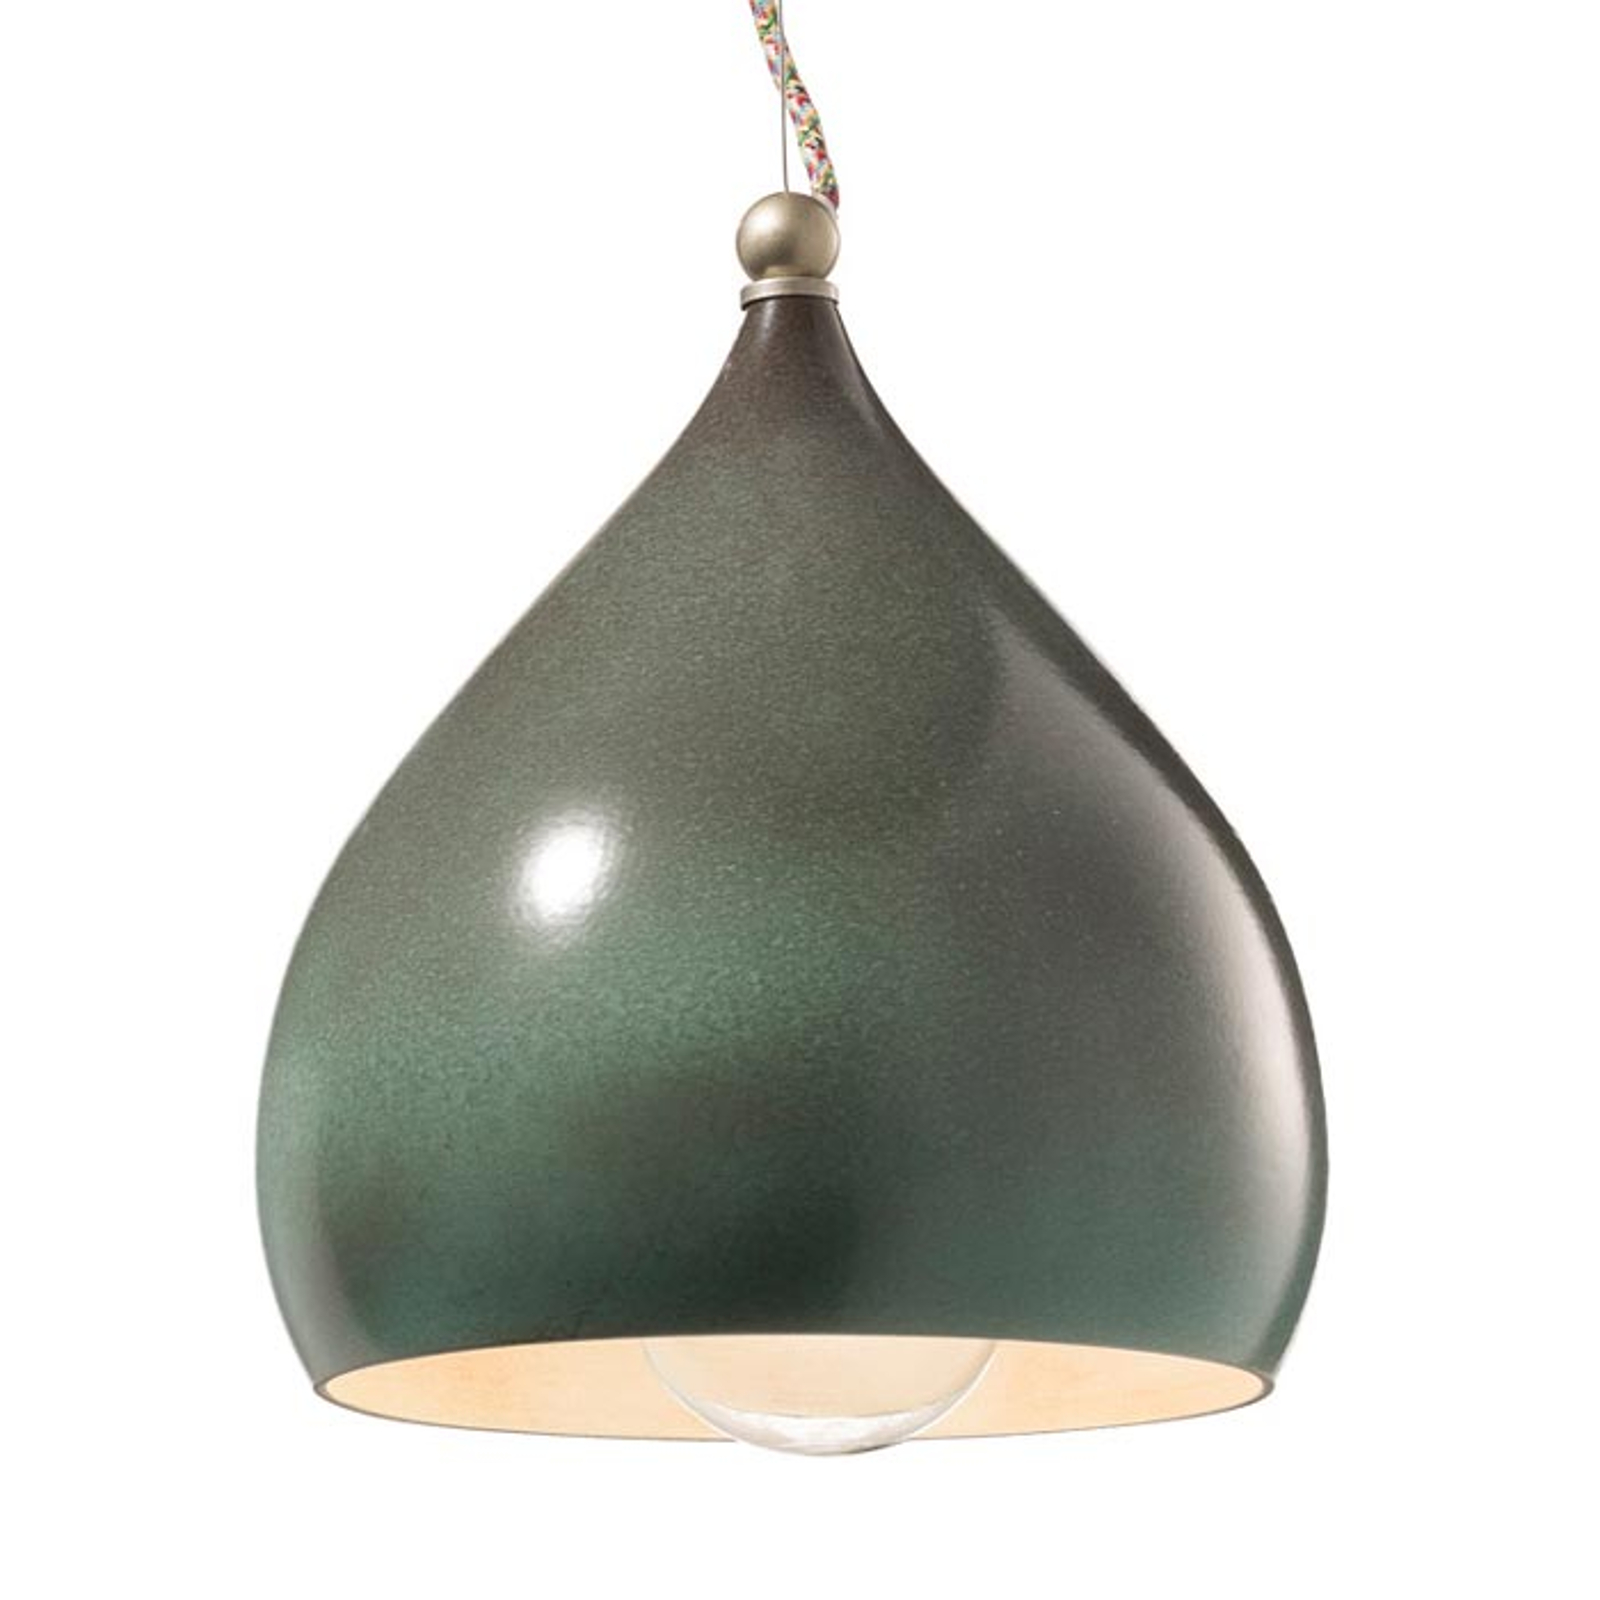 Lampa wisząca Federico z ceramiki, zielona